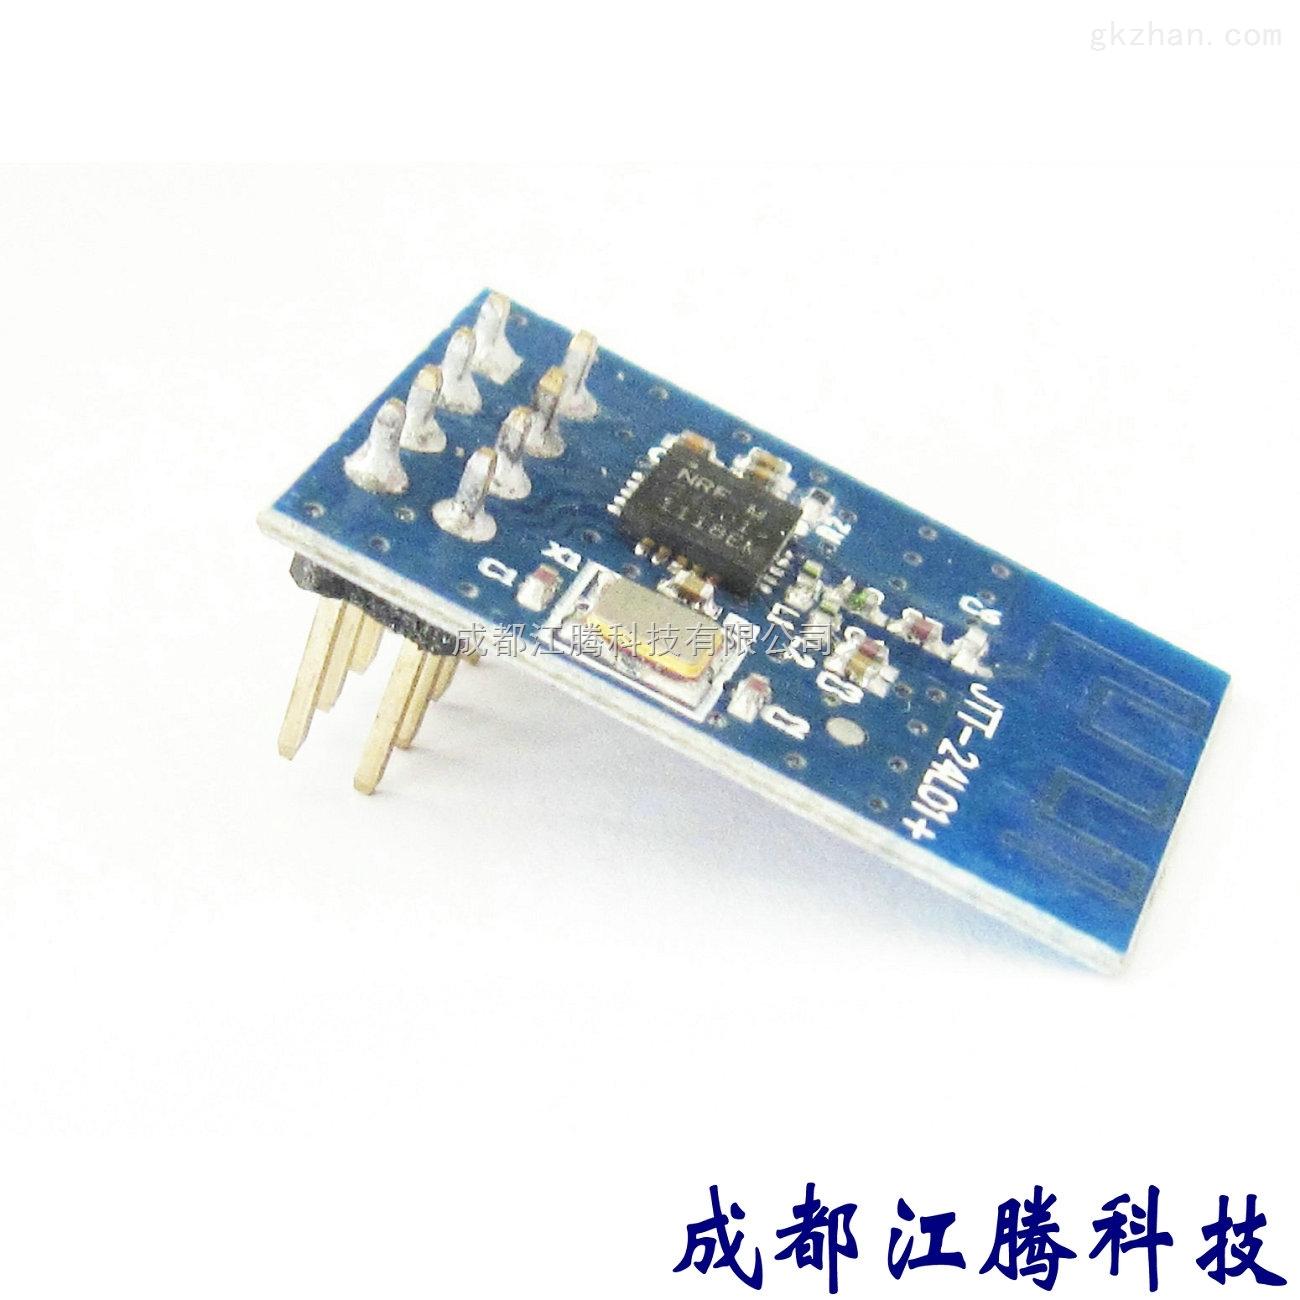 成都江�v科技nrf24l01�o�模�K